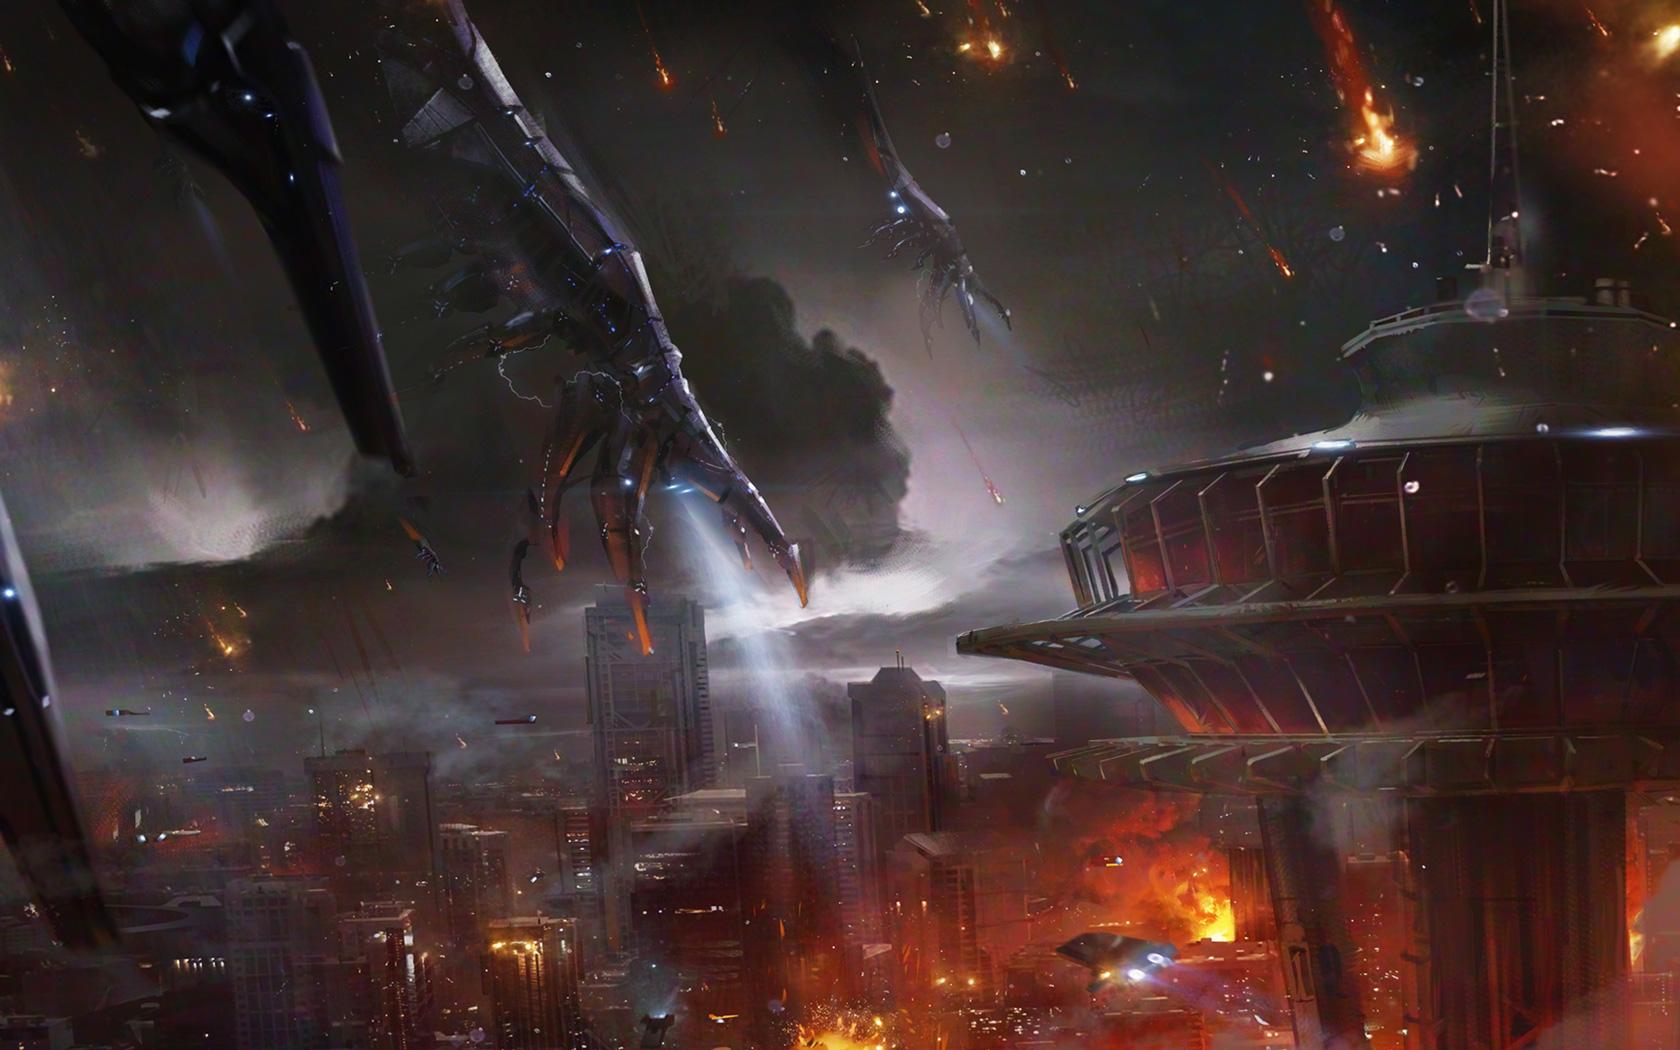 Mass Effect 3 Wallpaper in 1680x1050